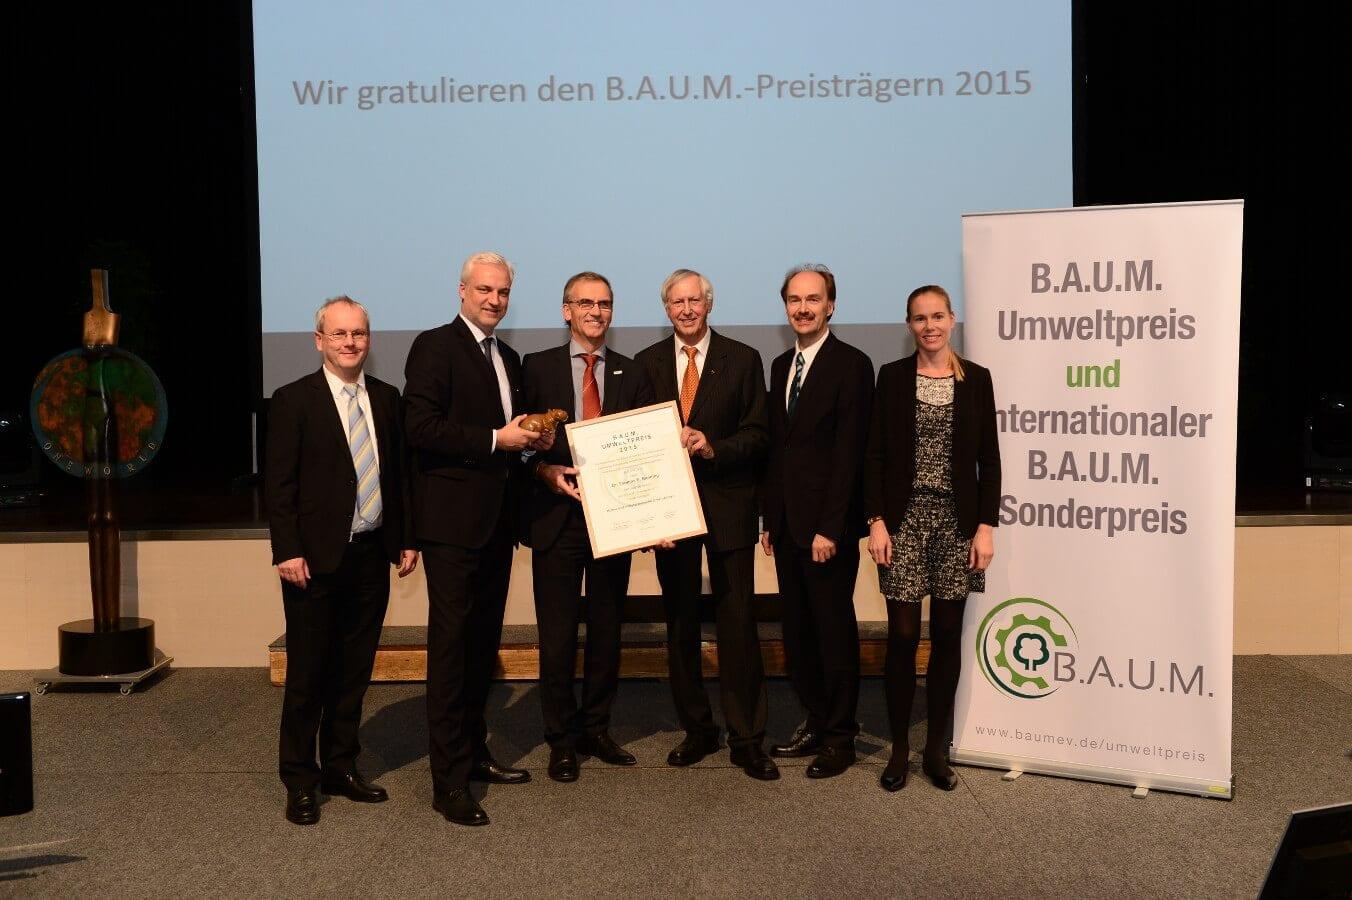 NRW-Wirtschaftsminister Garrelt Duin (2. v.l.) und der B.A.U.M.-Vorstand überreichen den Preis an NATURSTROM-Vorstandschef Dr. Banning (3. v.l.) © B.A.U.M. e. V.